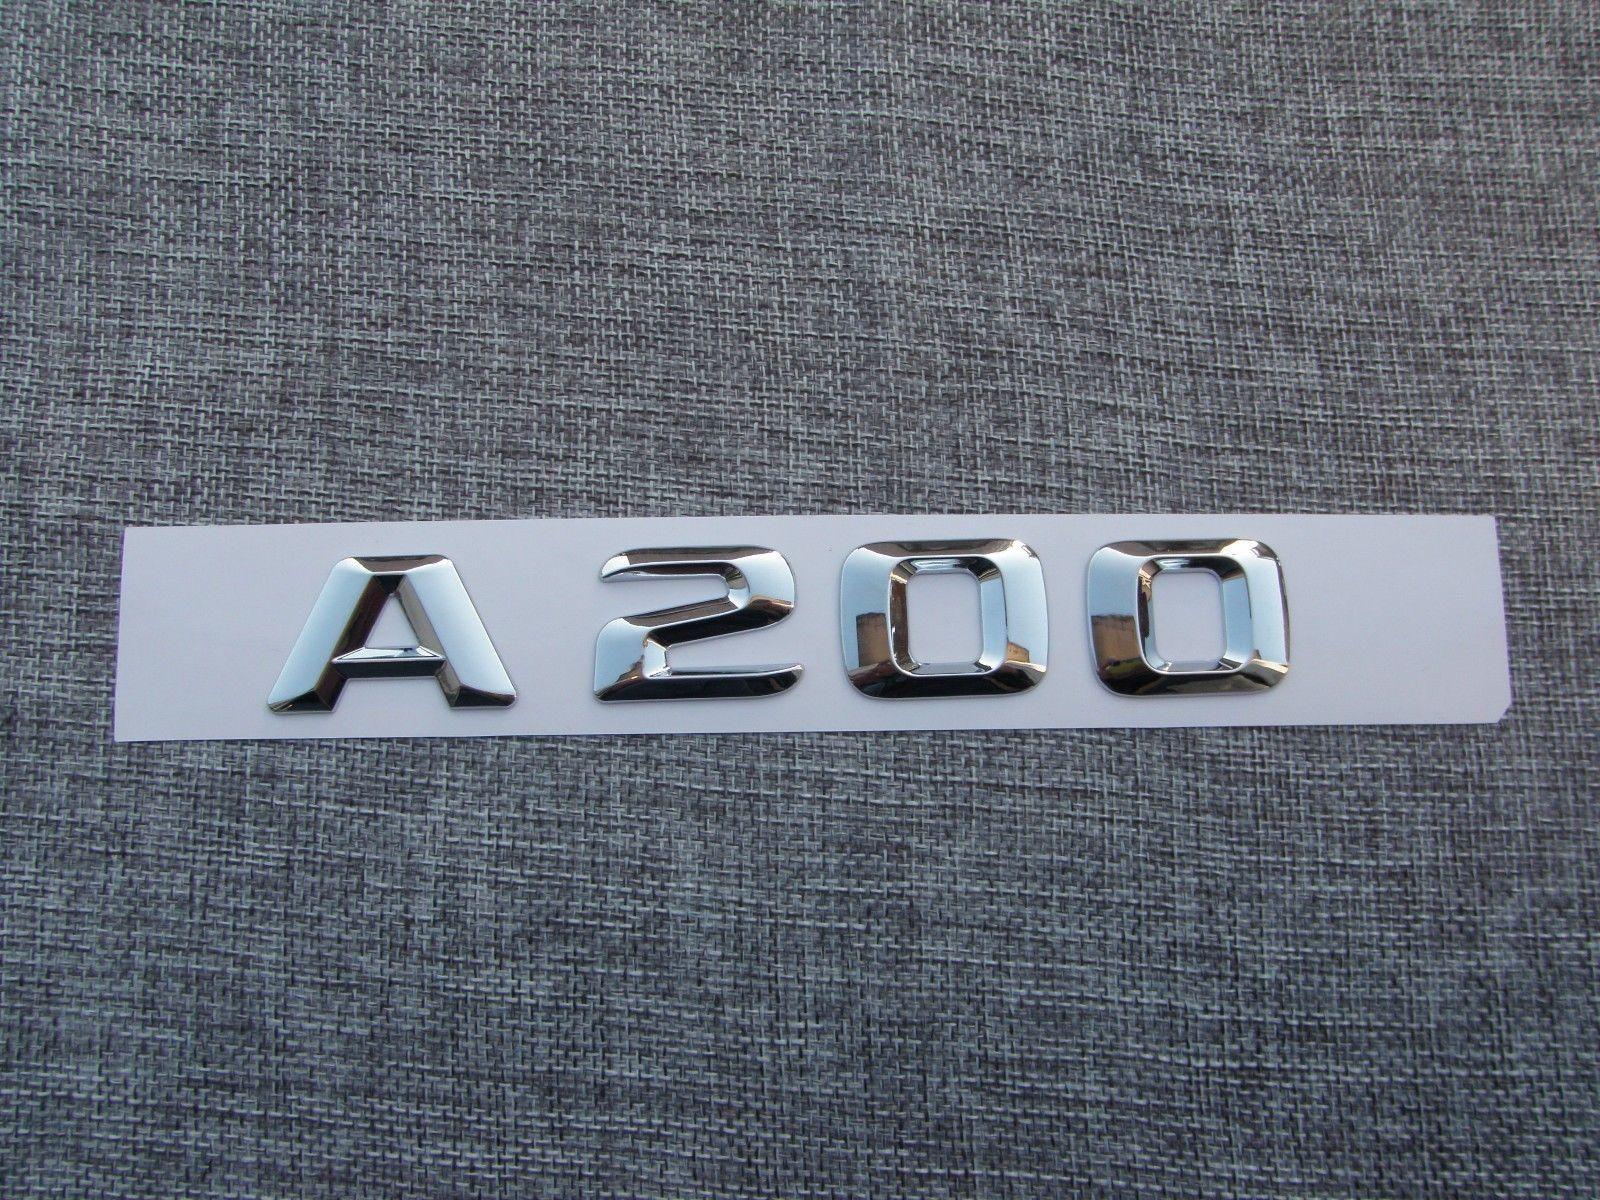 Chrome Numéro de lettres Trunk Emblem Decal Sticker pour Mercedes Benz Classe A200